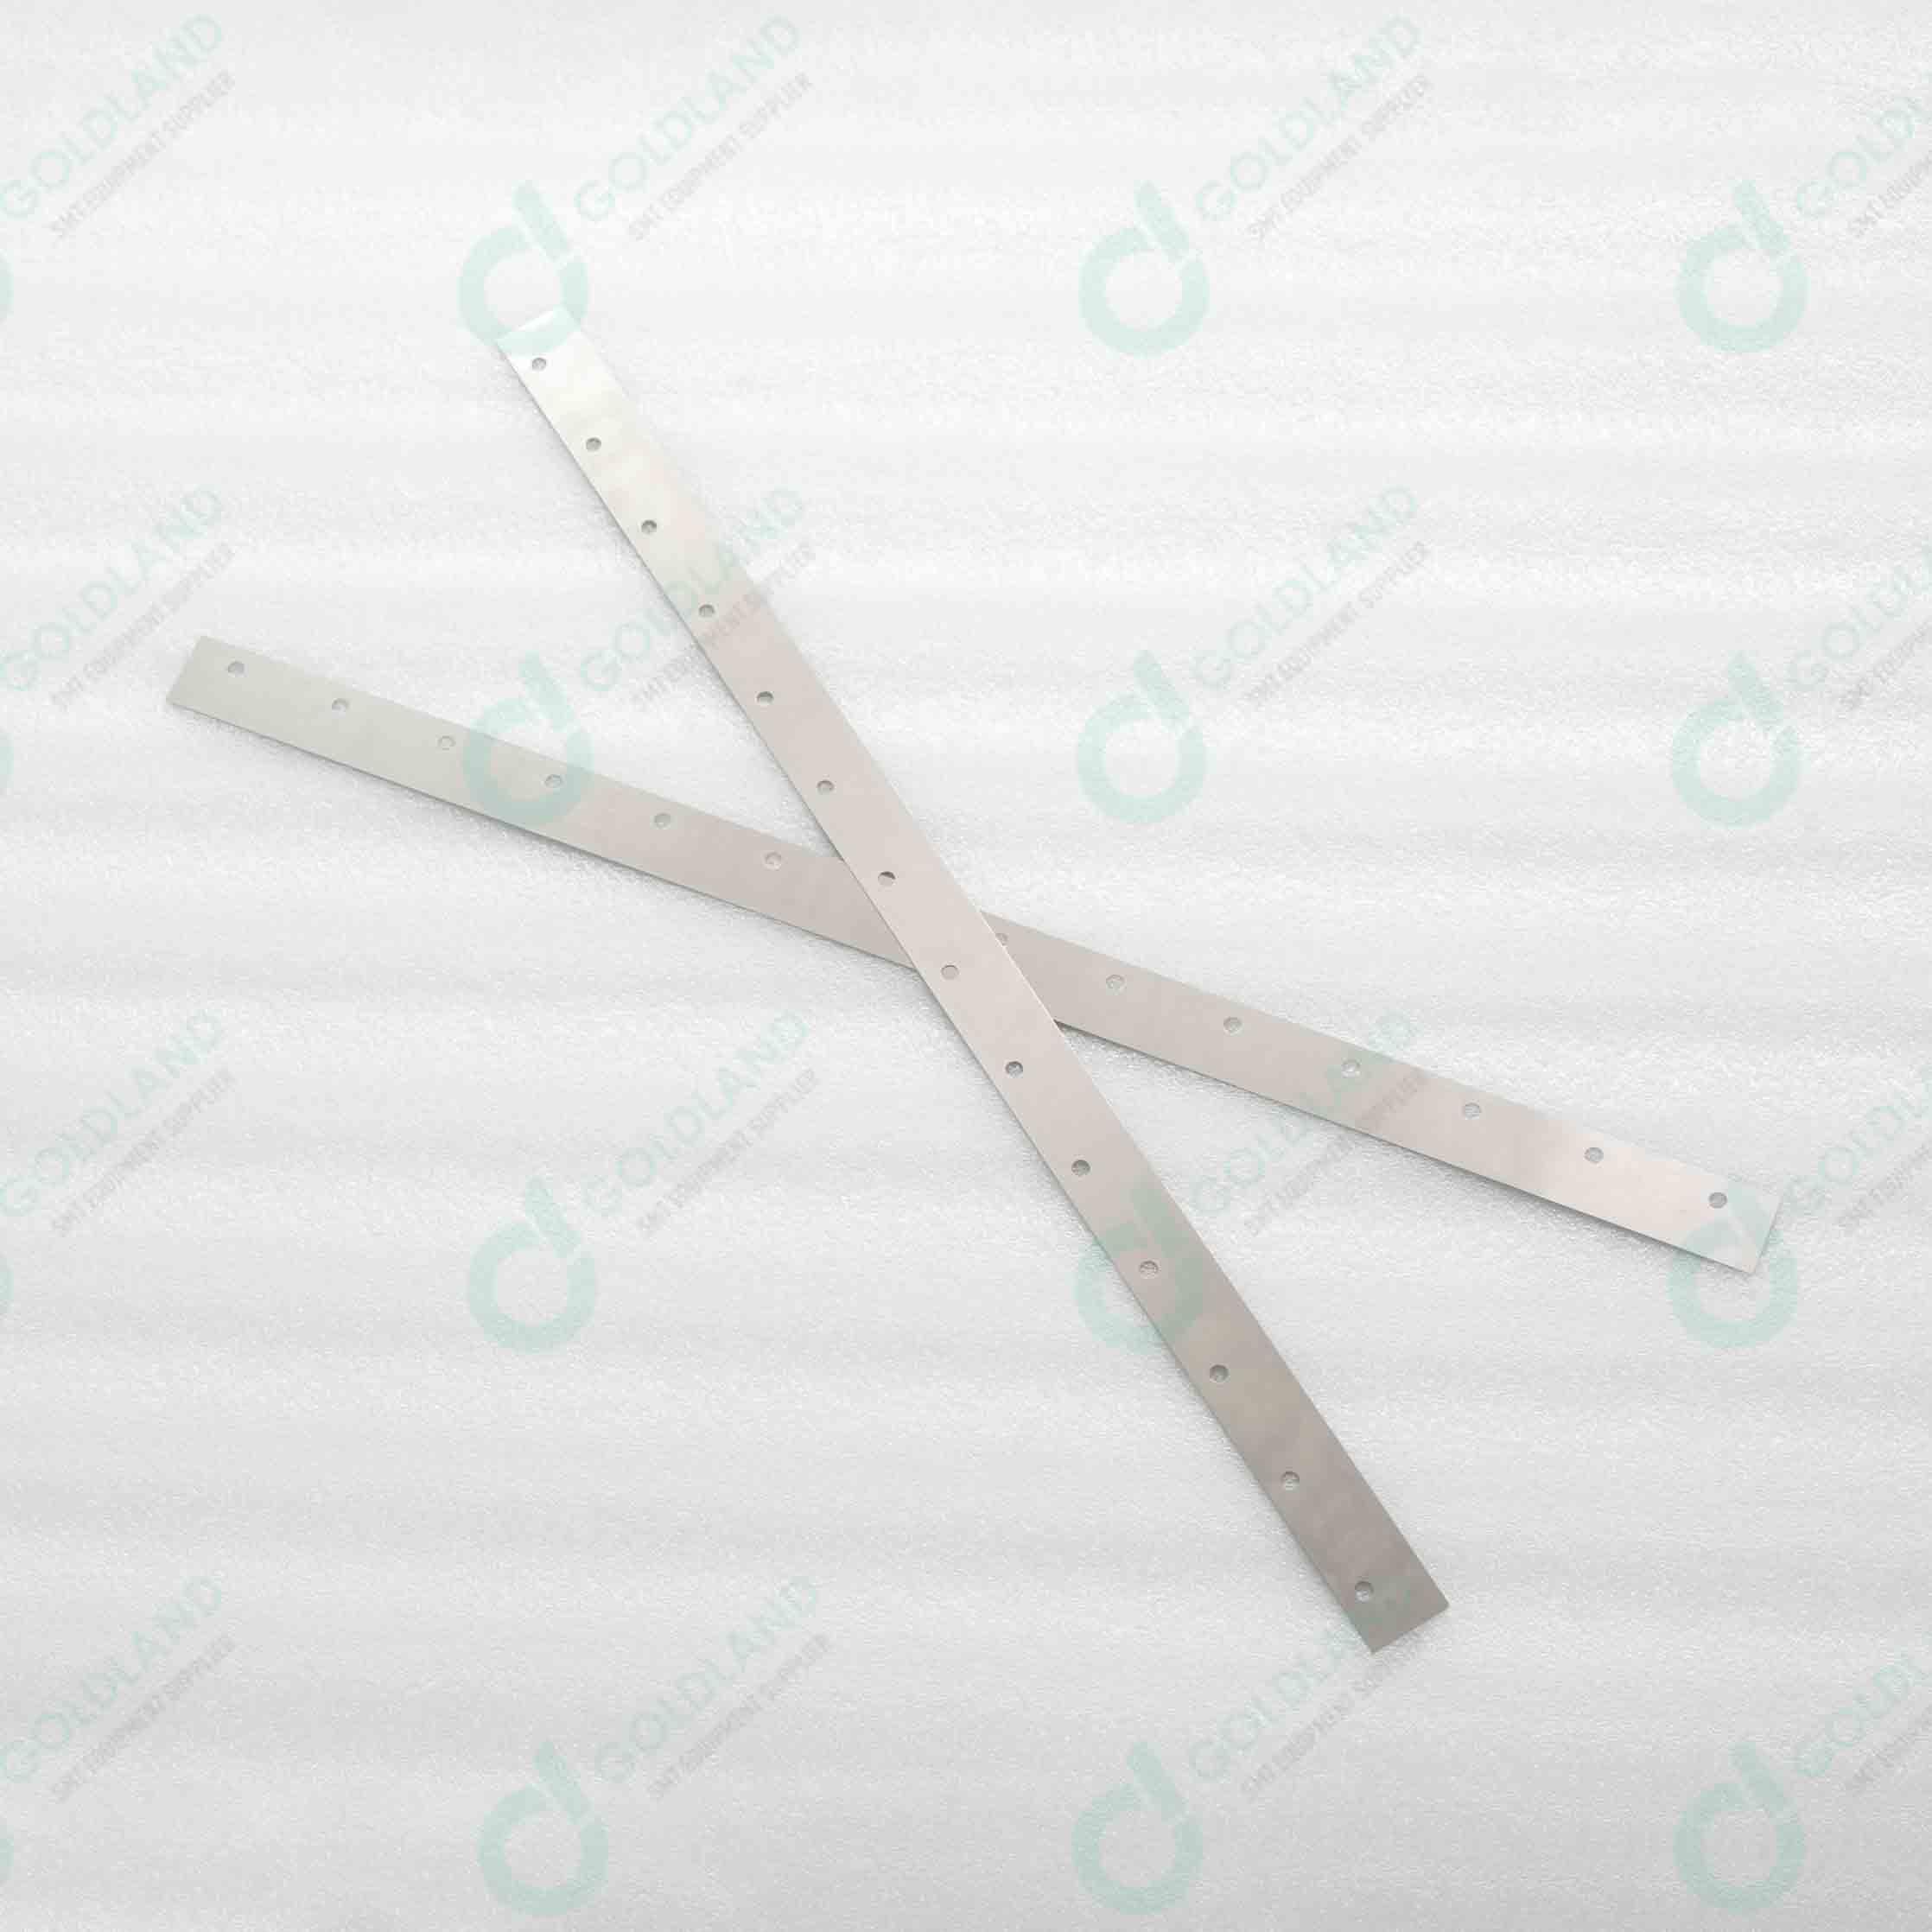 DEK ASM Squeegee Blade 610mm 60 deg for DEK Printers Spare parts